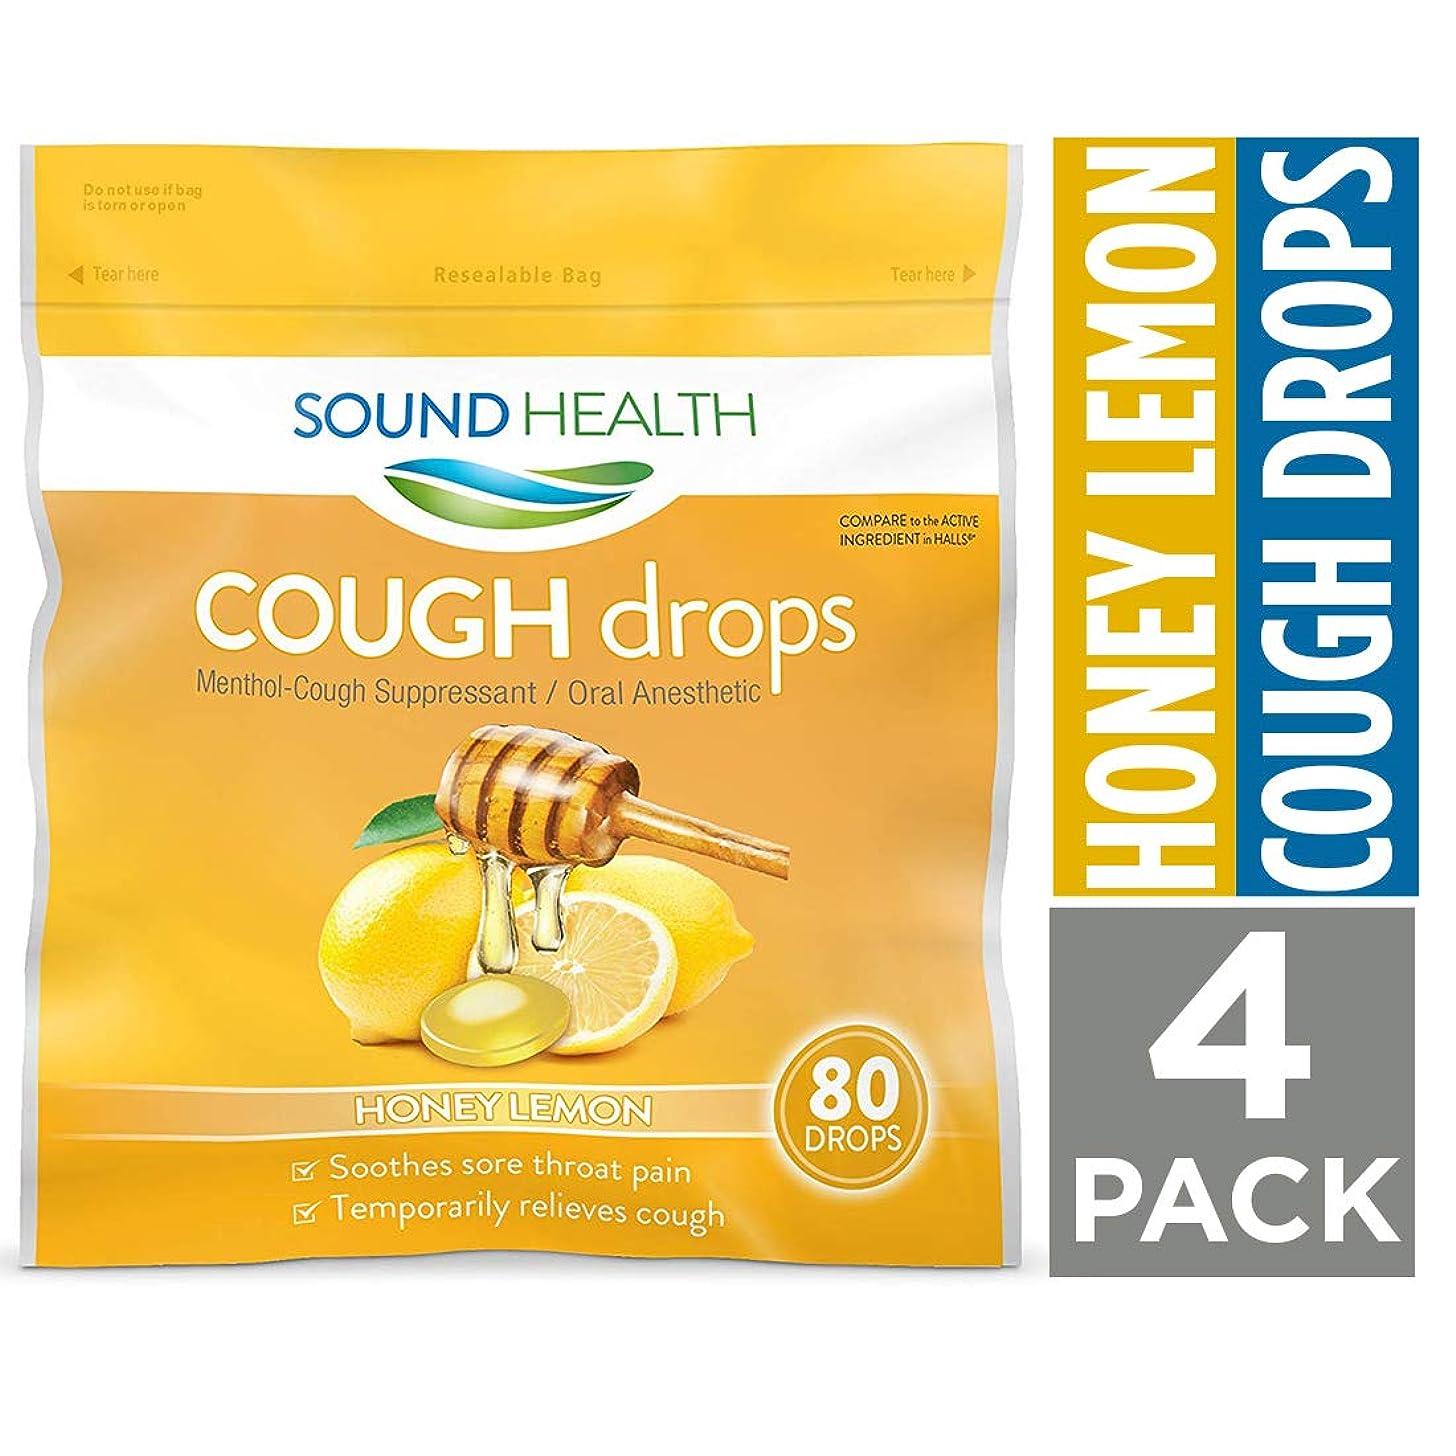 SoundHealth Honey Lemon Cough Drops,?Throat Lozenge,?Cough Suppressant, 80 Count Bag, 4 Pack